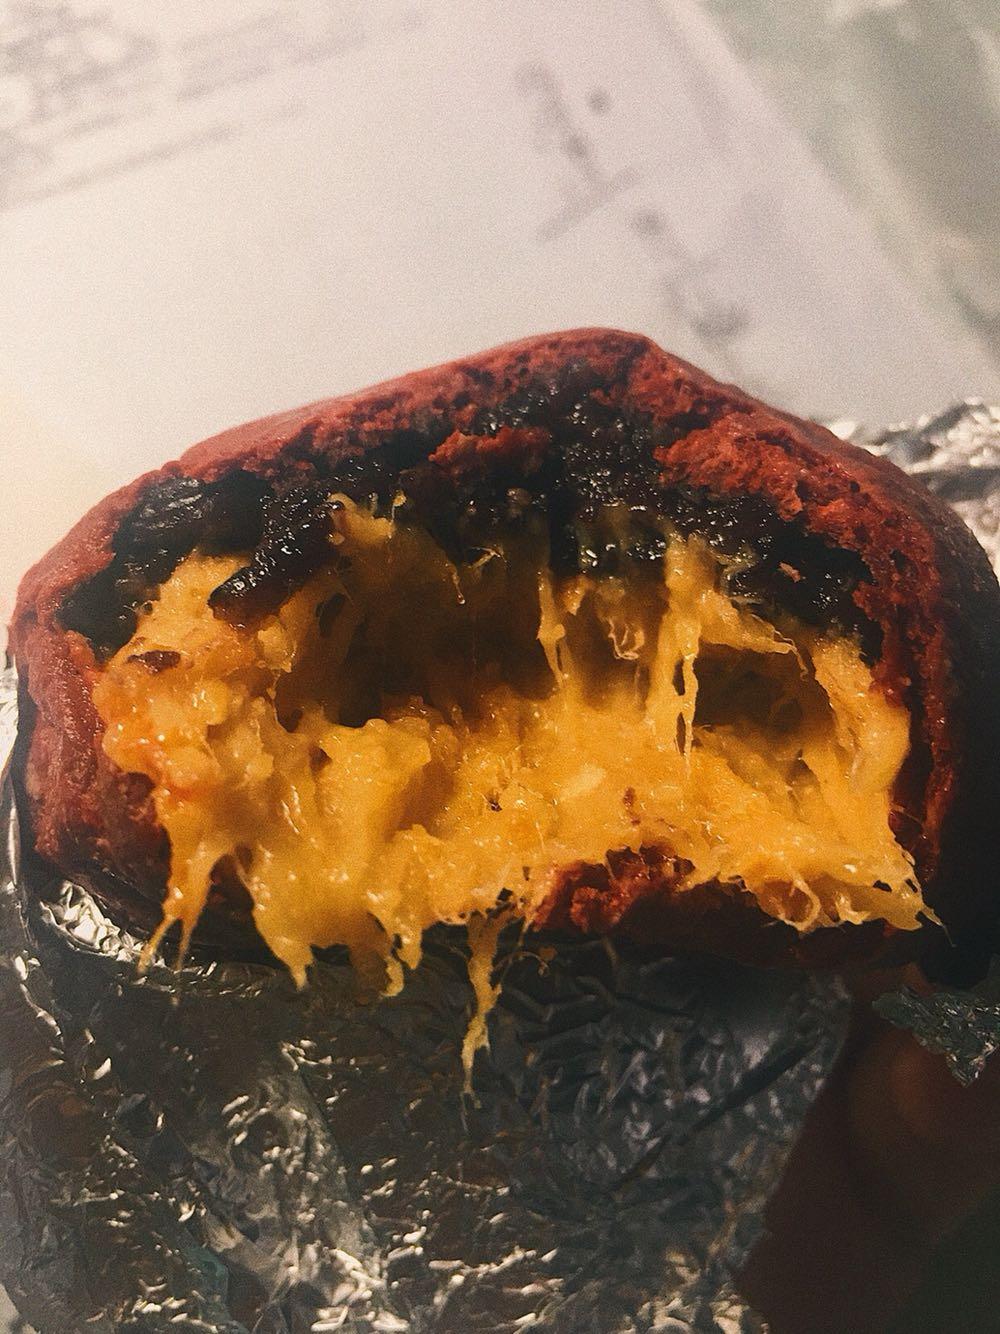 Универсальный пакет свойство вещь все пшеница фиолетовый мясо свободный конопля сладкий картофель таро грязь заказать два перевозка груза по частям пустой рот есть начинка часть 4 пакет почты